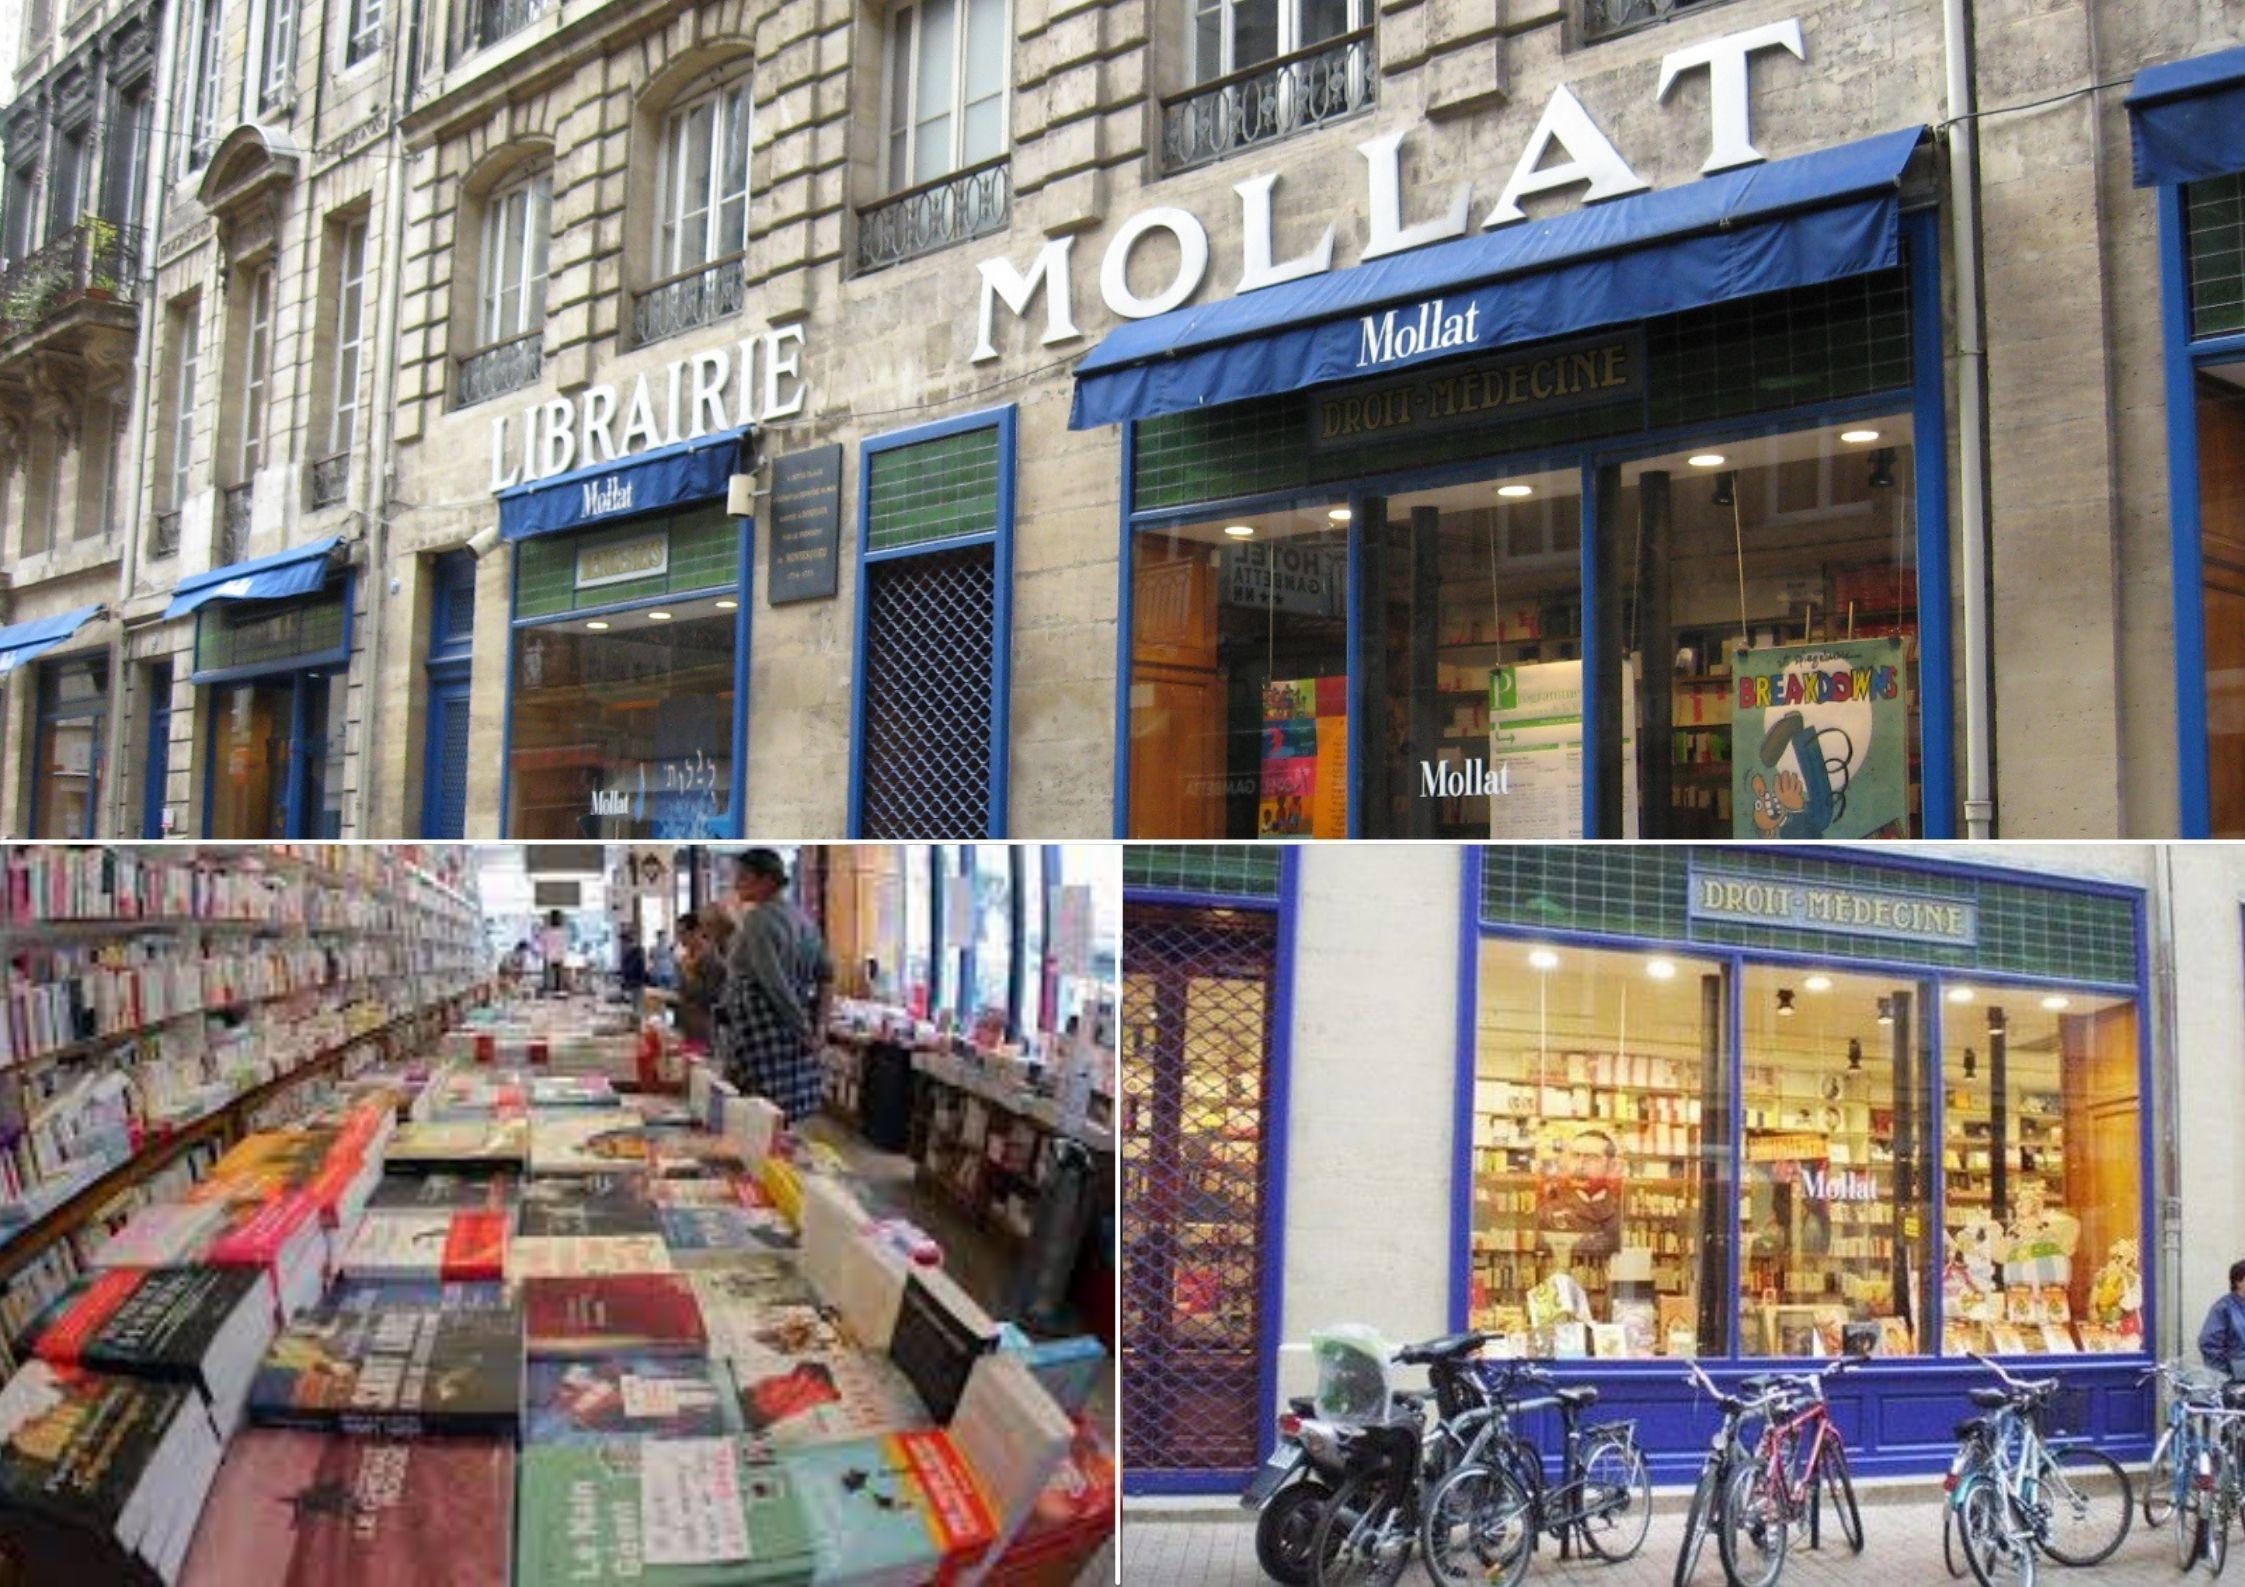 librairie indépendante Mollat à Bordeaux